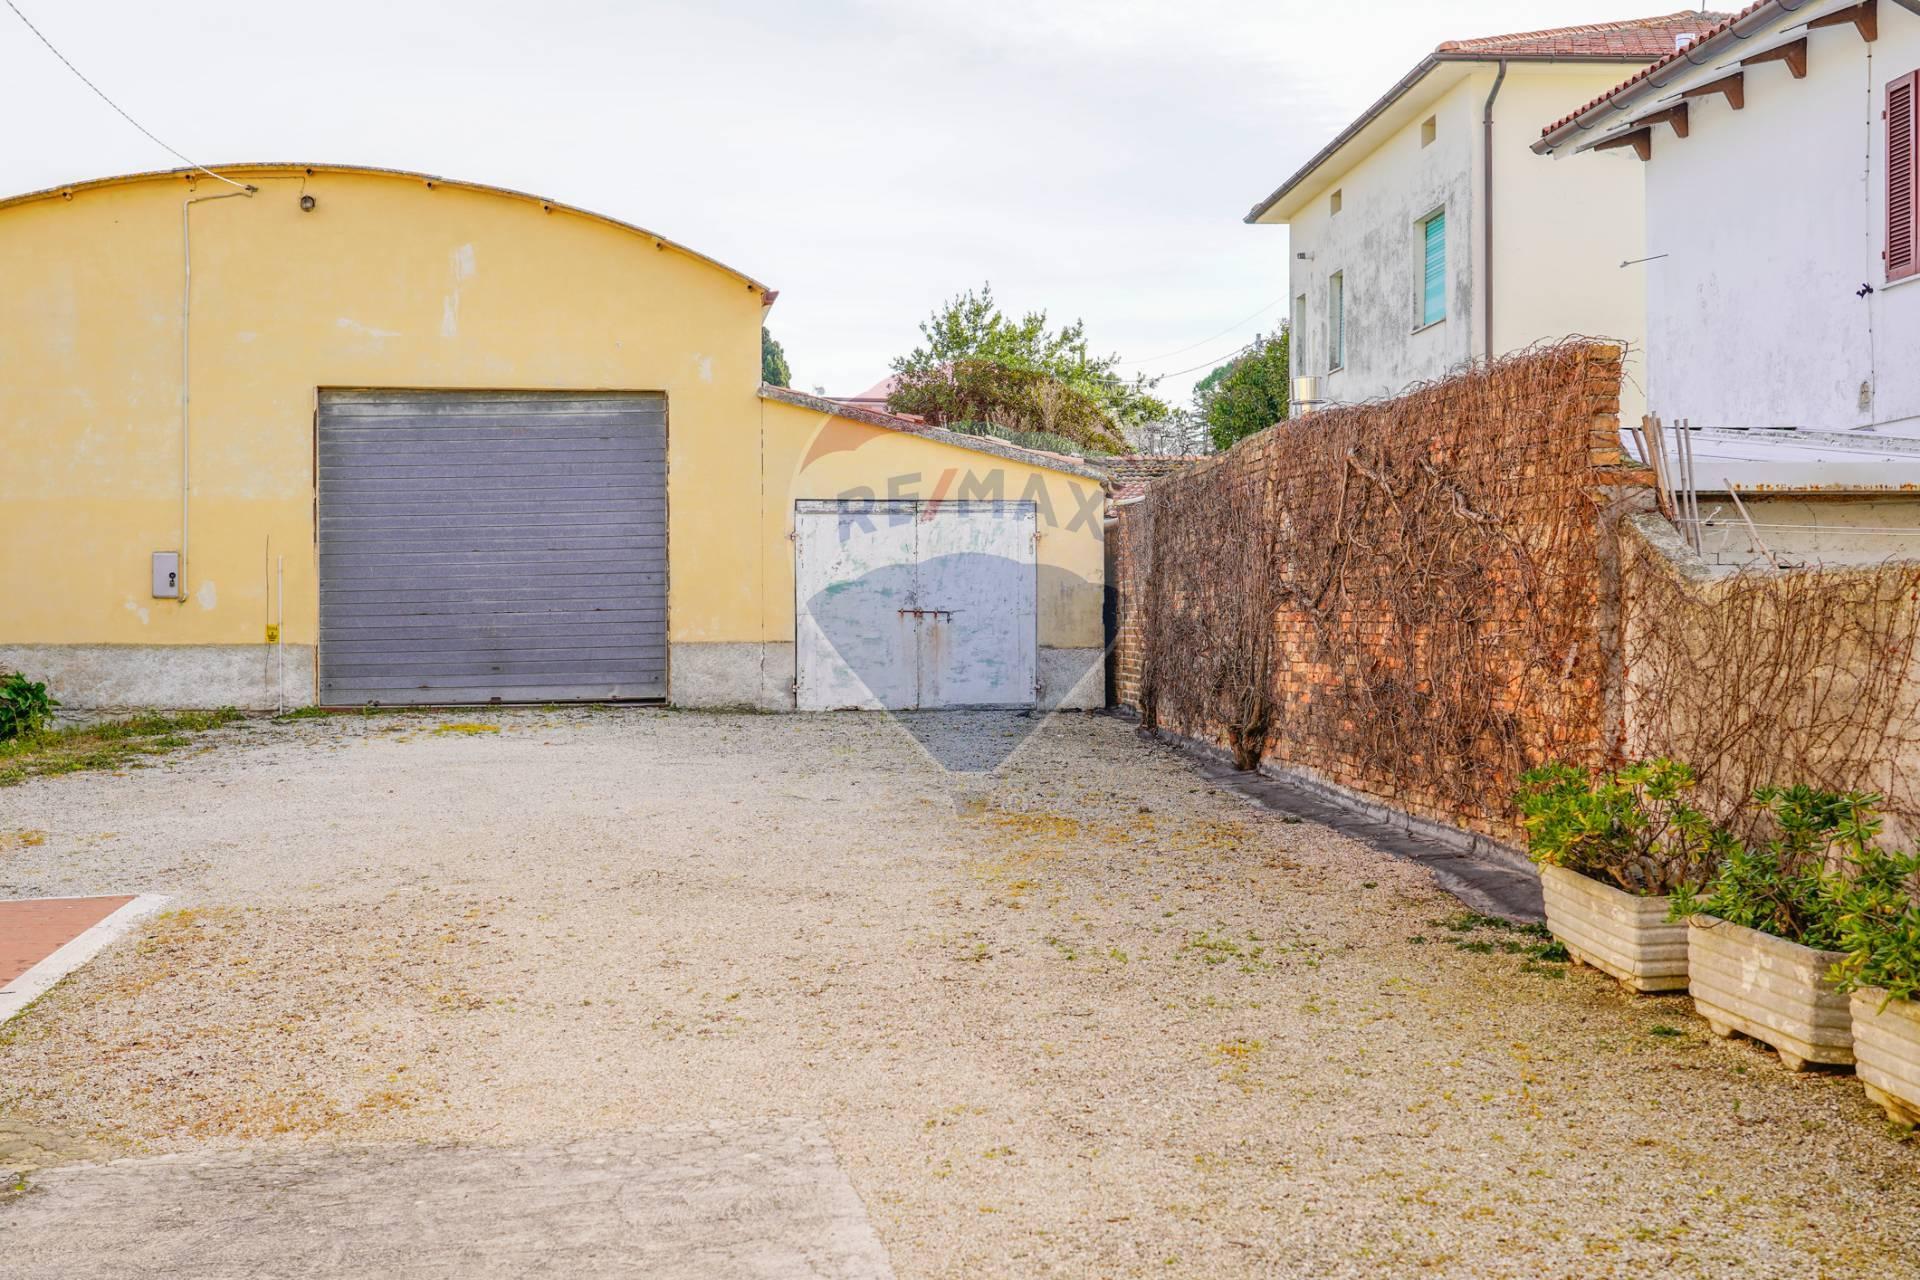 Magazzino in vendita a Filottrano, 2 locali, zona Località: S.Anna, prezzo € 50.000   CambioCasa.it